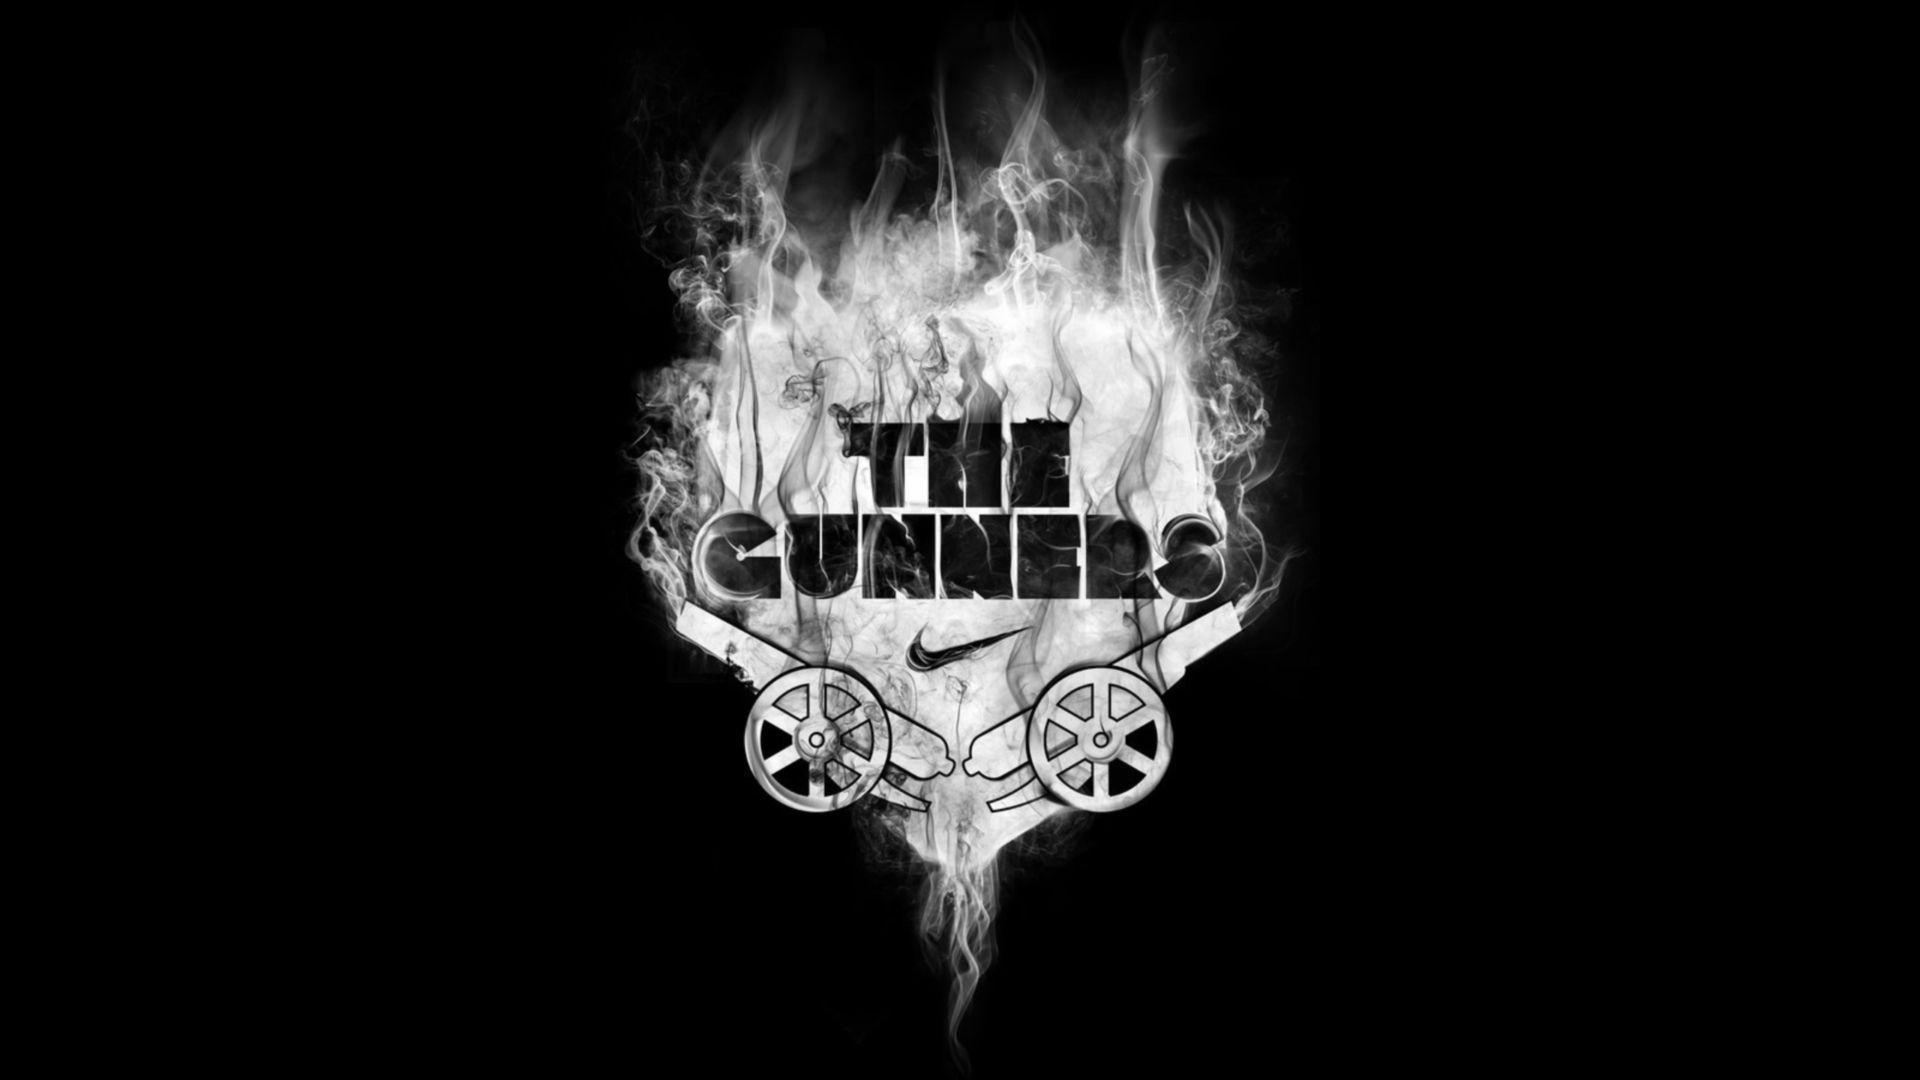 Arsenal Wallpaper: Arsenal Logo Wallpapers 2016